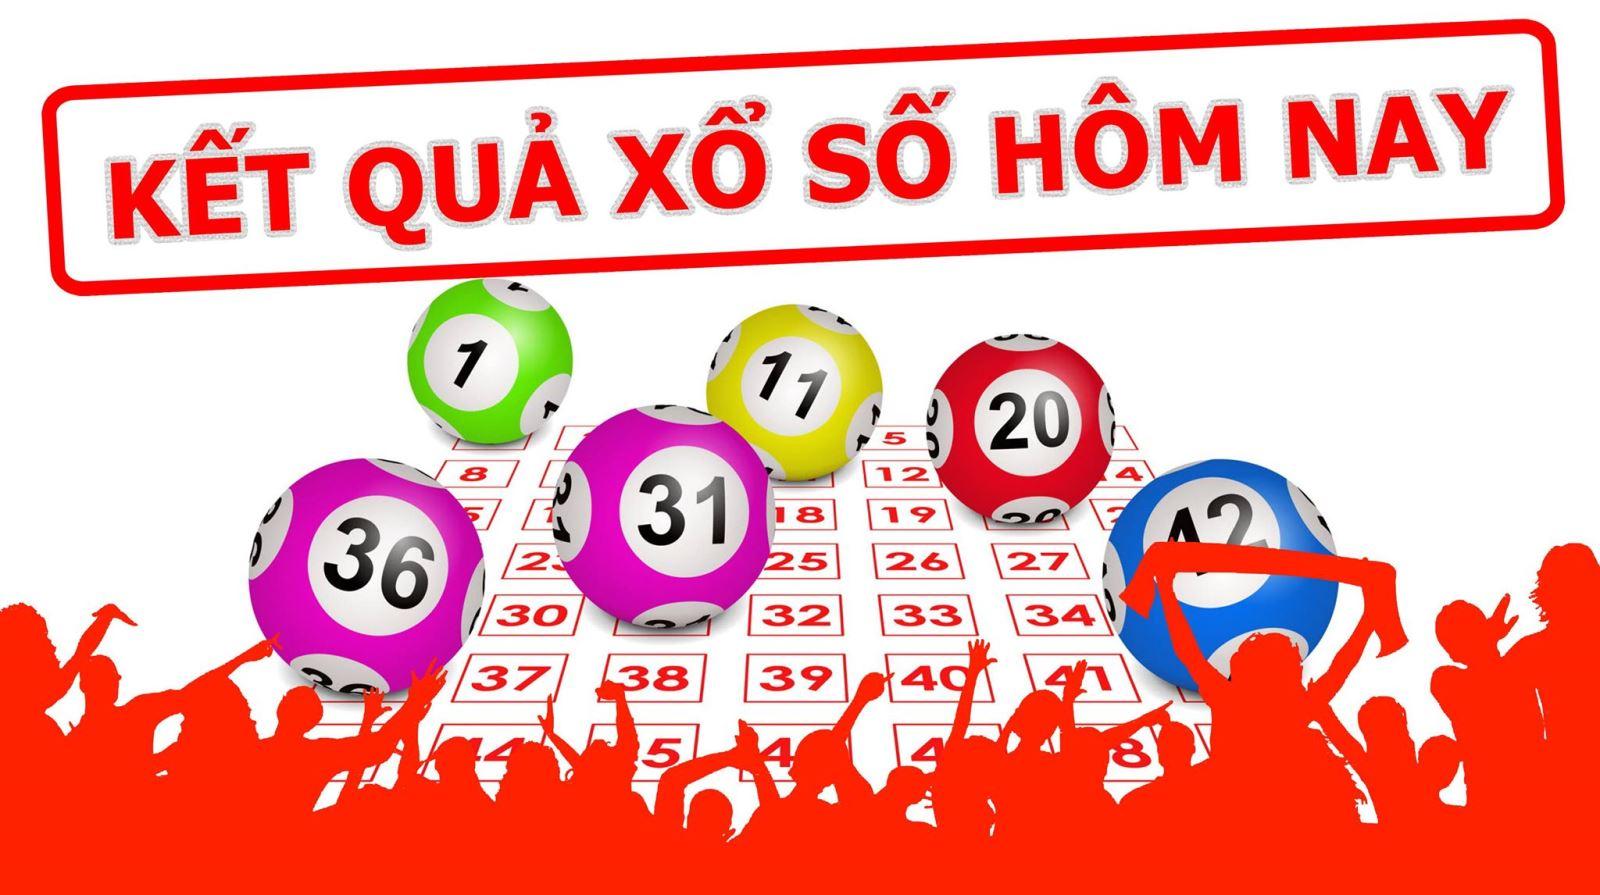 Xổ số hôm nay. Kết quả xổ số (KQXS) miền Nam hôm nay ngày 29 tháng 3. XSMN 30/3